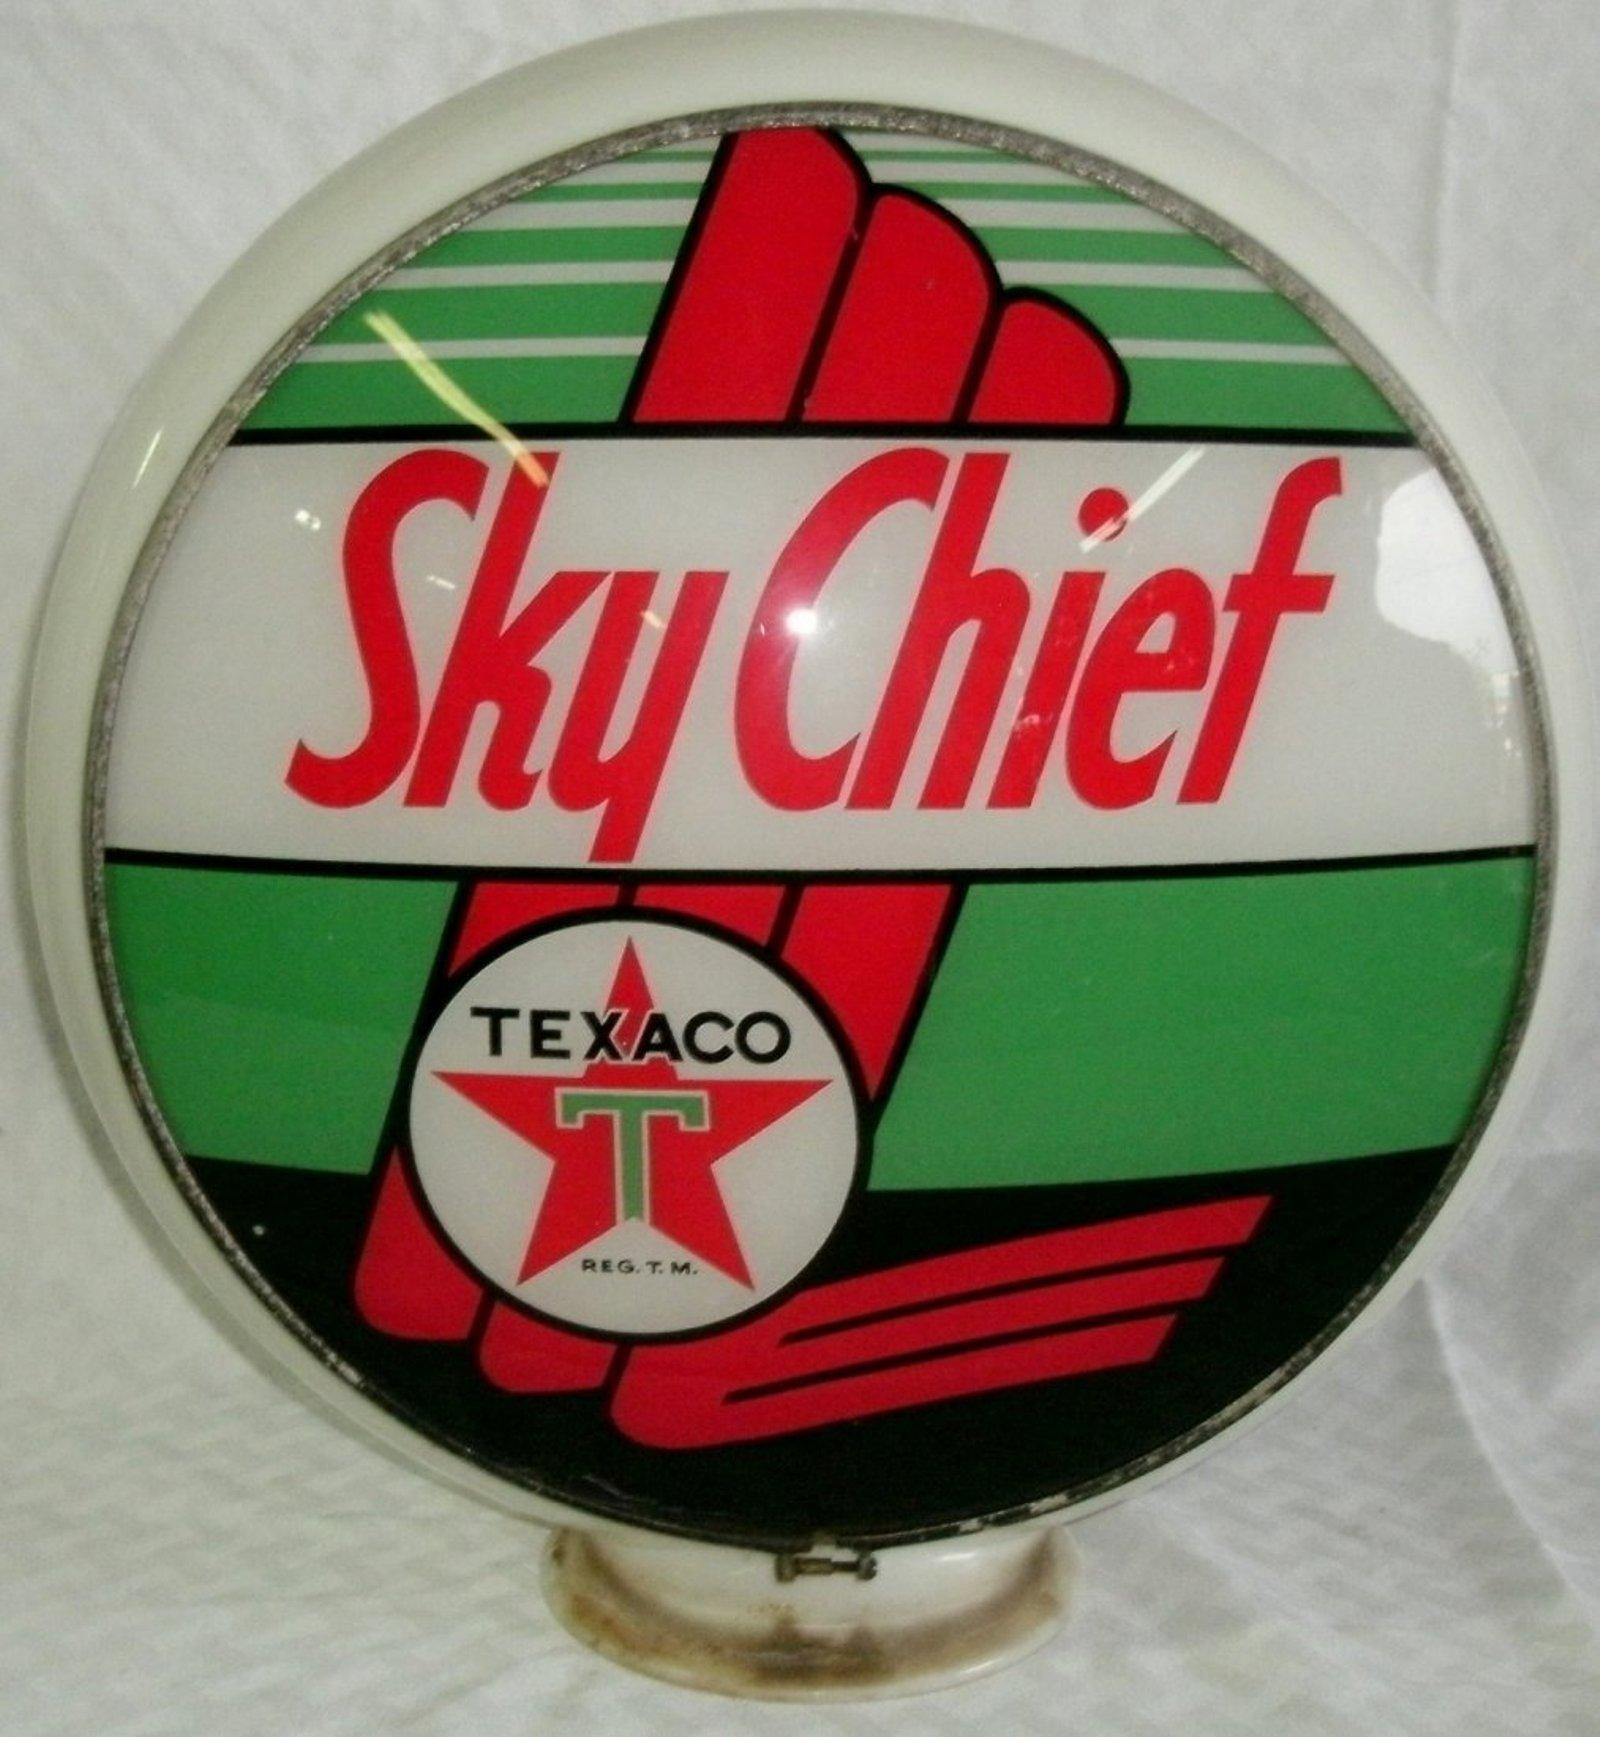 Texaco Sky Chief Gasoline Vintage Gas Pump Globe